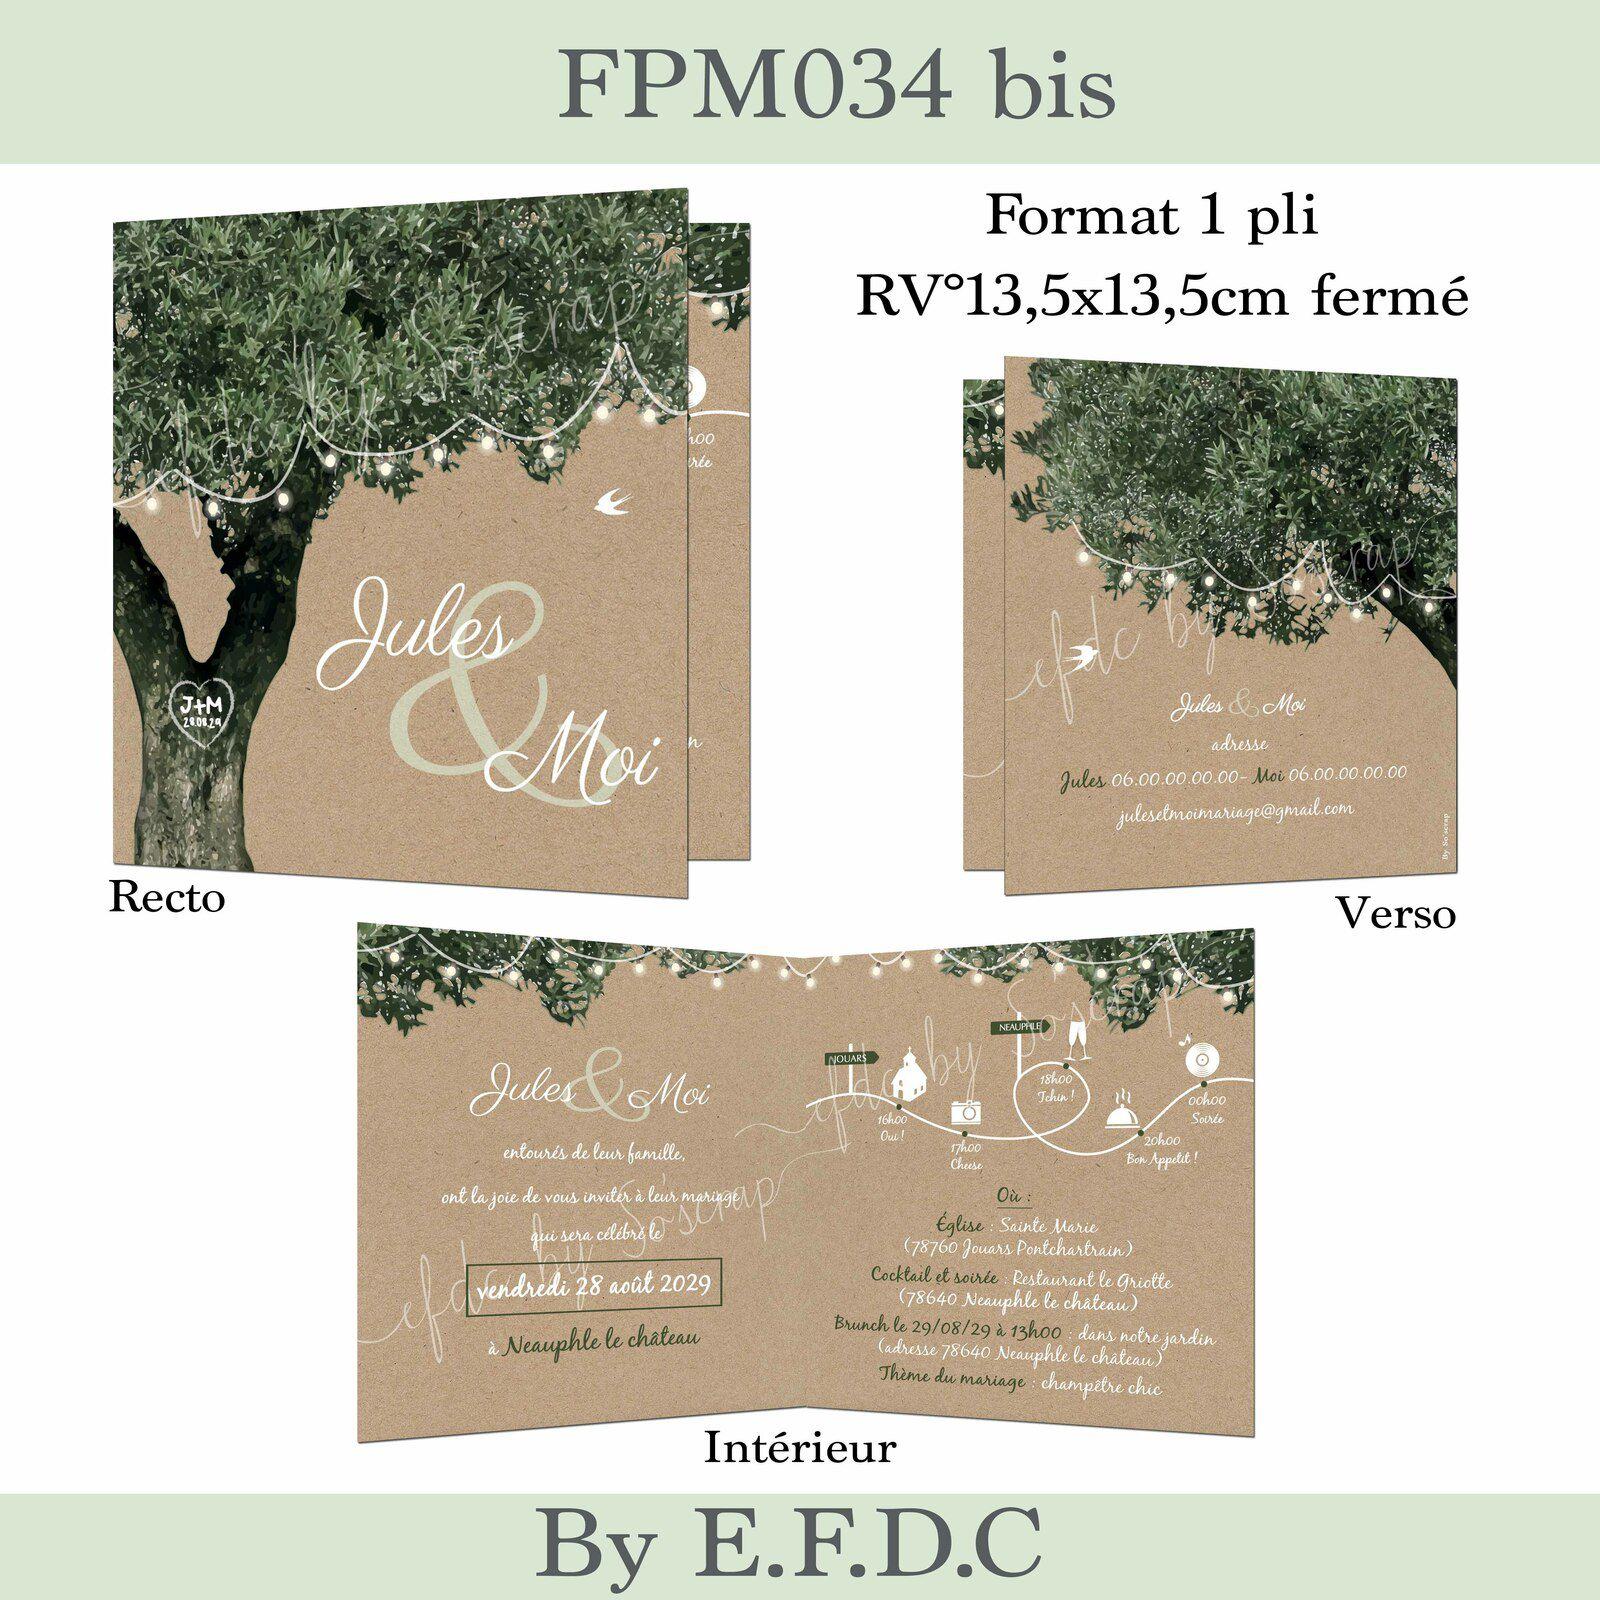 RÉF FPM034, faire part mariage thème olivier et guinguette, recto verso A5, impression fond kraft, arbre olivier, texte à personnaliser, scrap digital